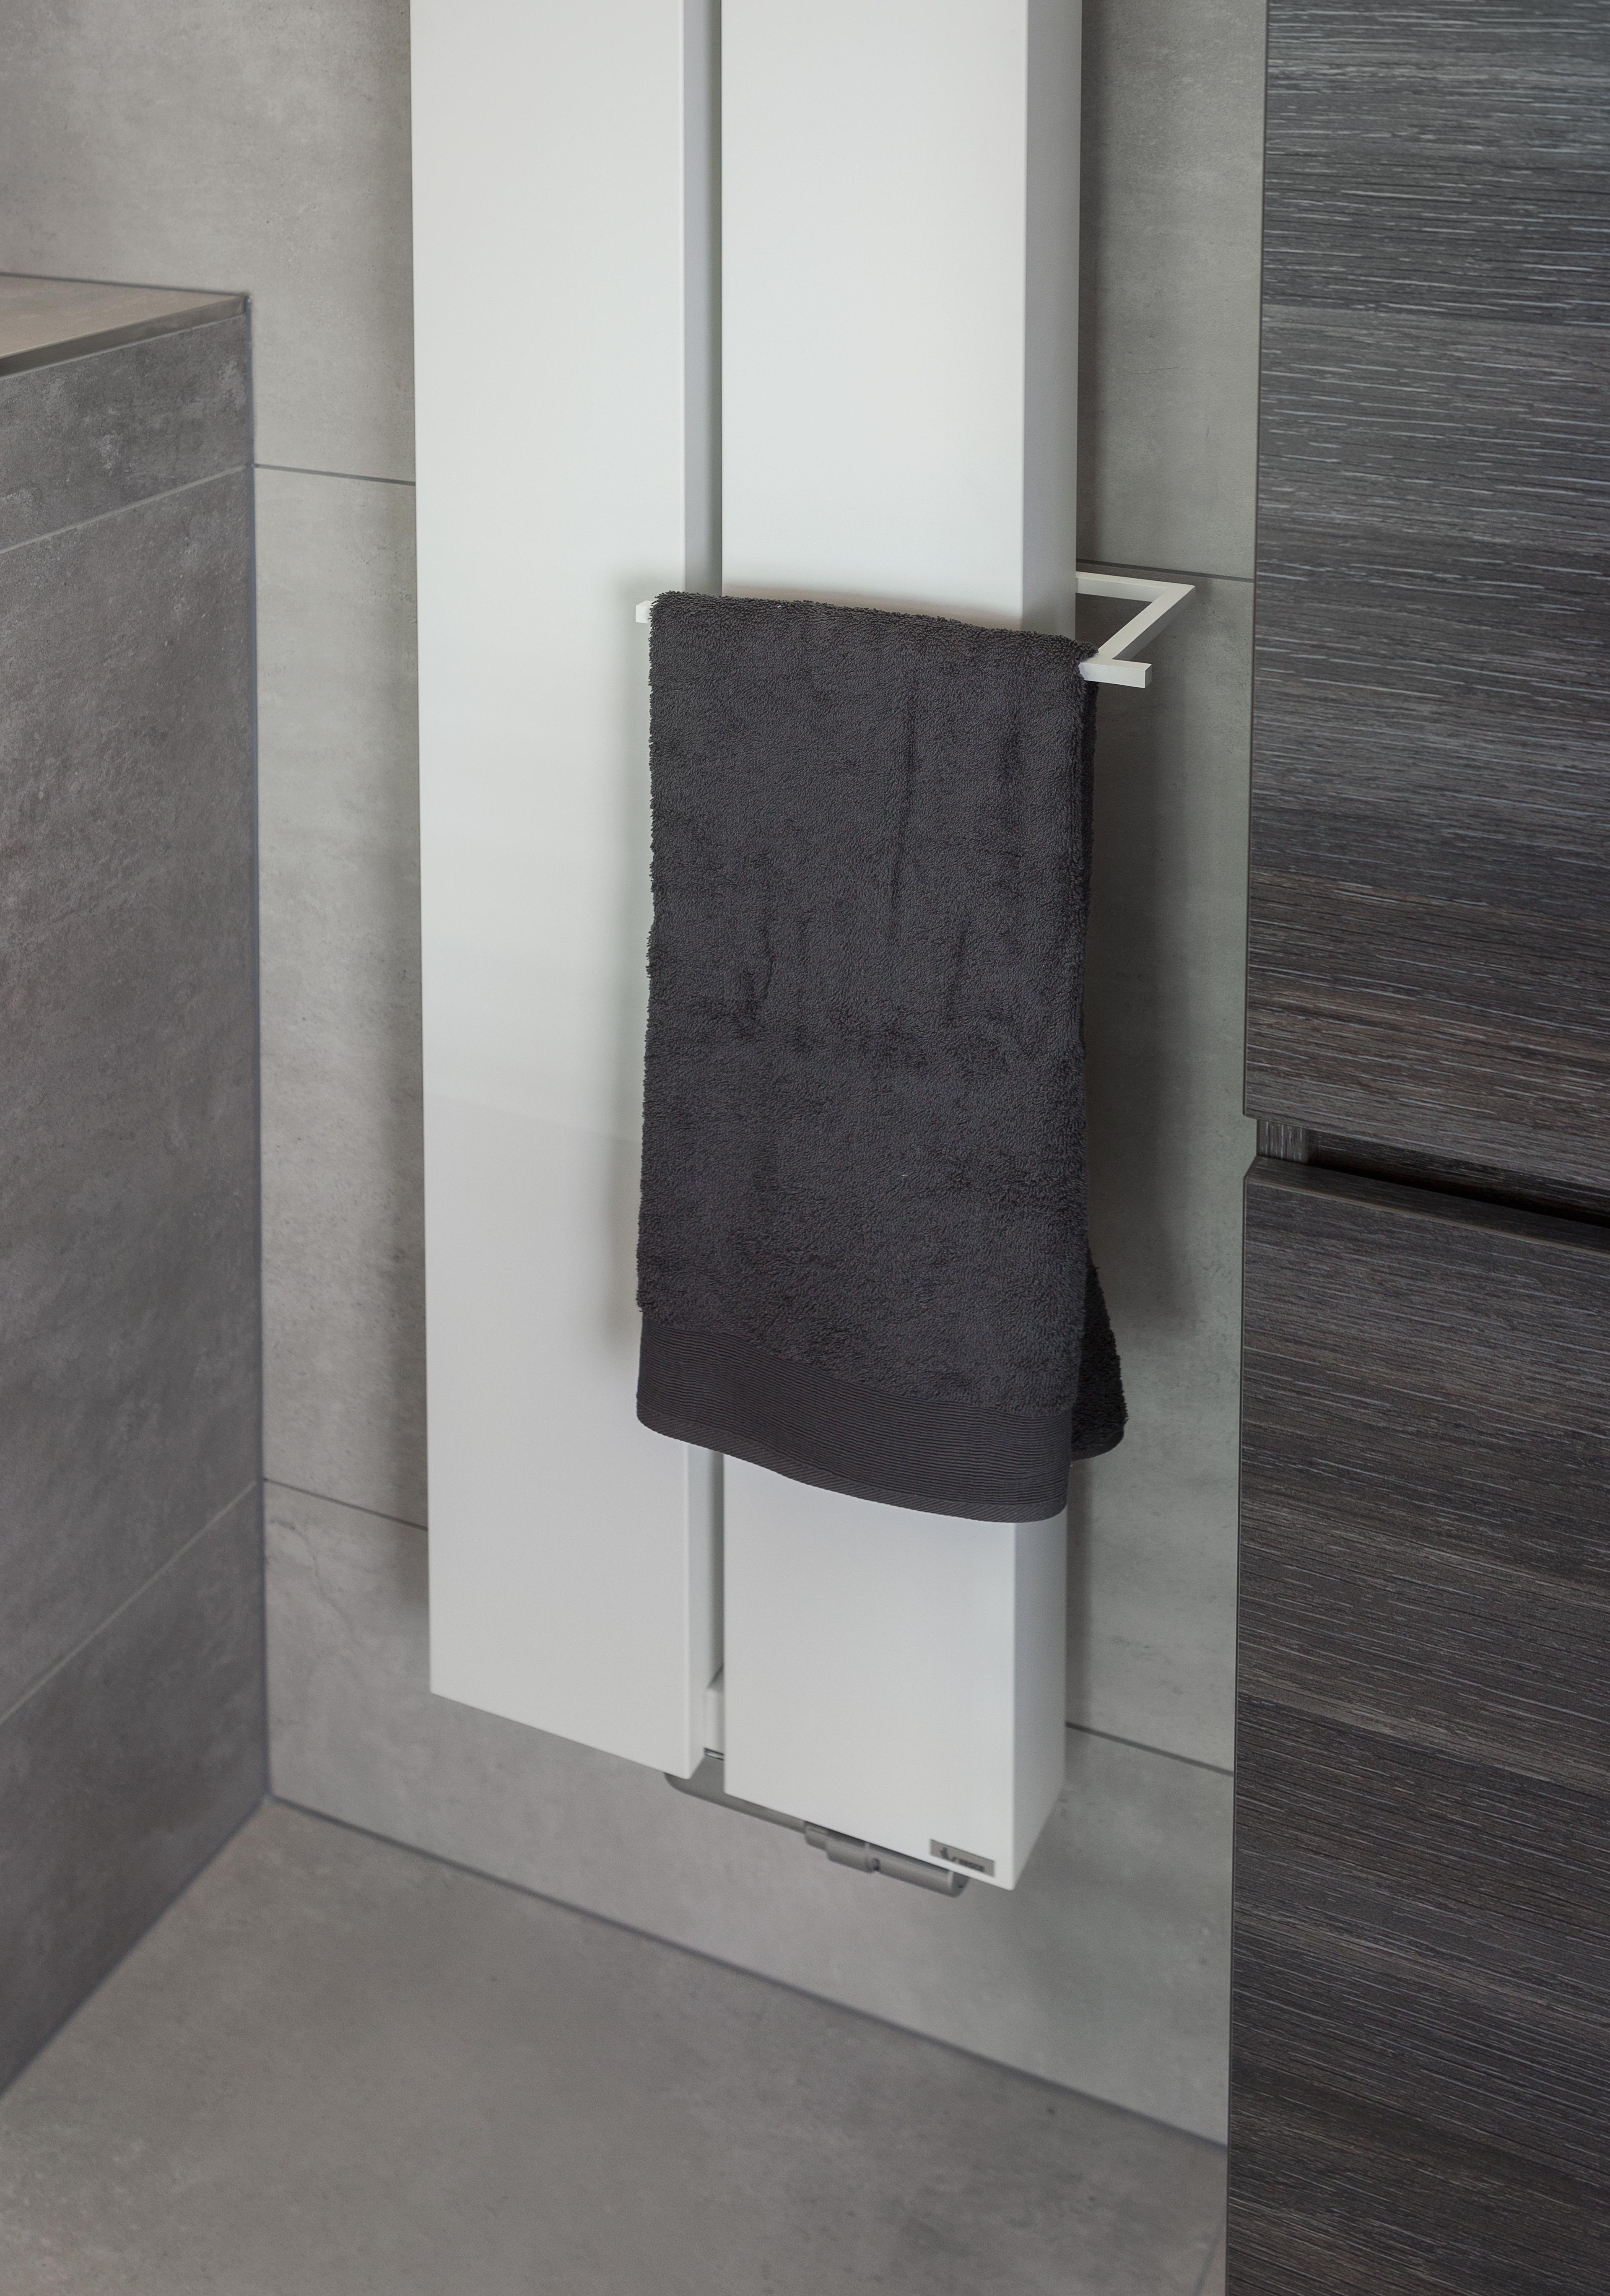 badkamer robuust wiesenekker badkamerconcepten